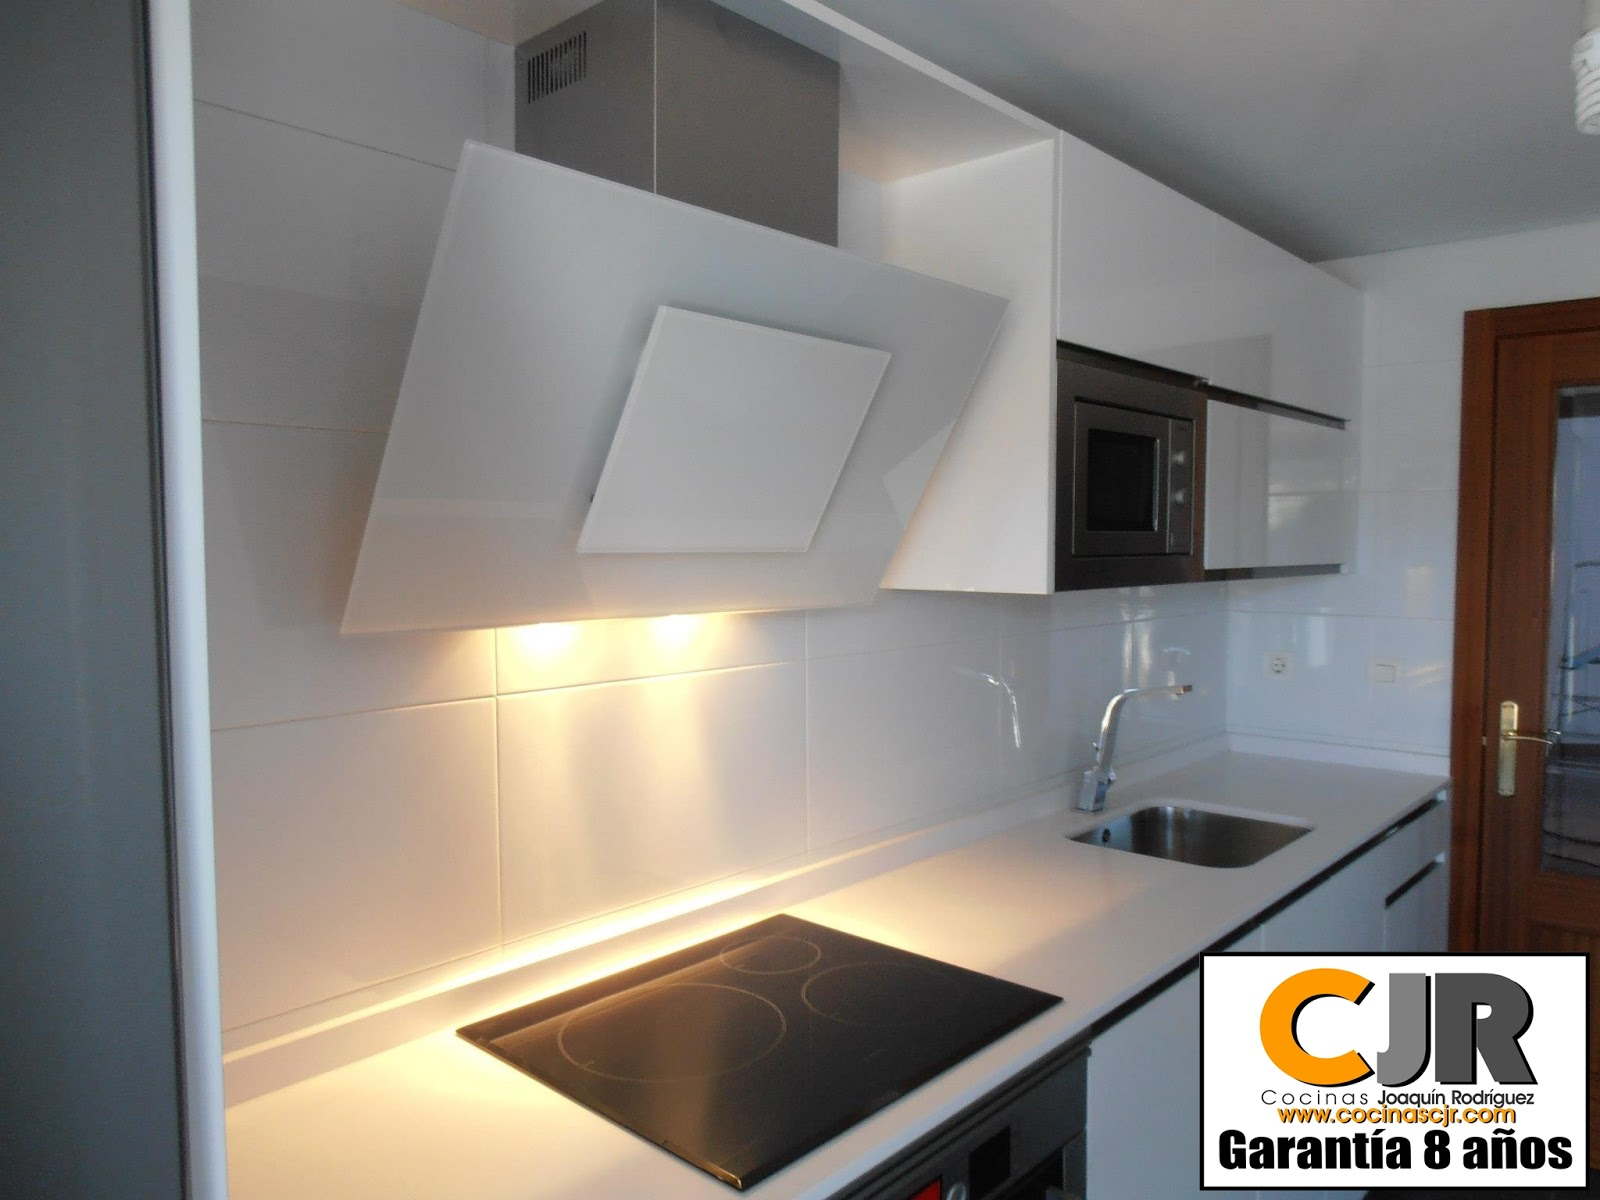 Estudio de cocinas cjr cocinas funcionales cocinas cjr en for Cocinas practicas y funcionales